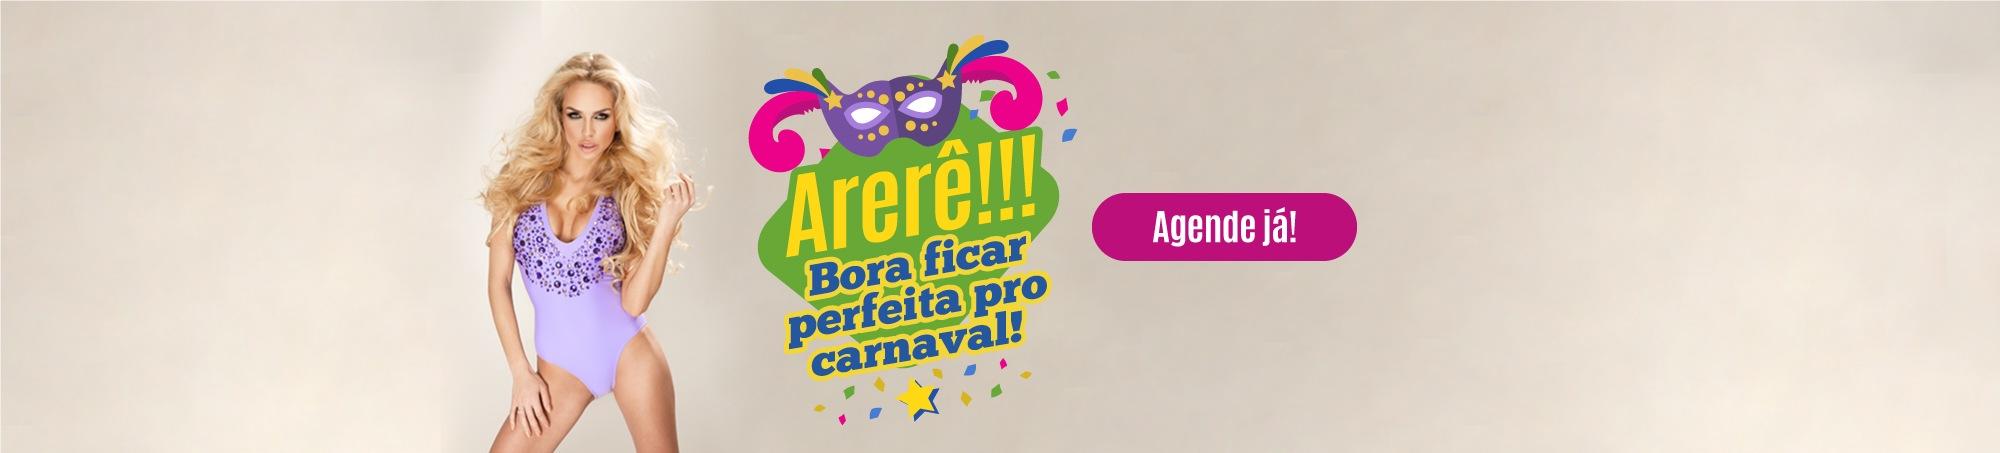 Carnaval-Fisest-2019-site